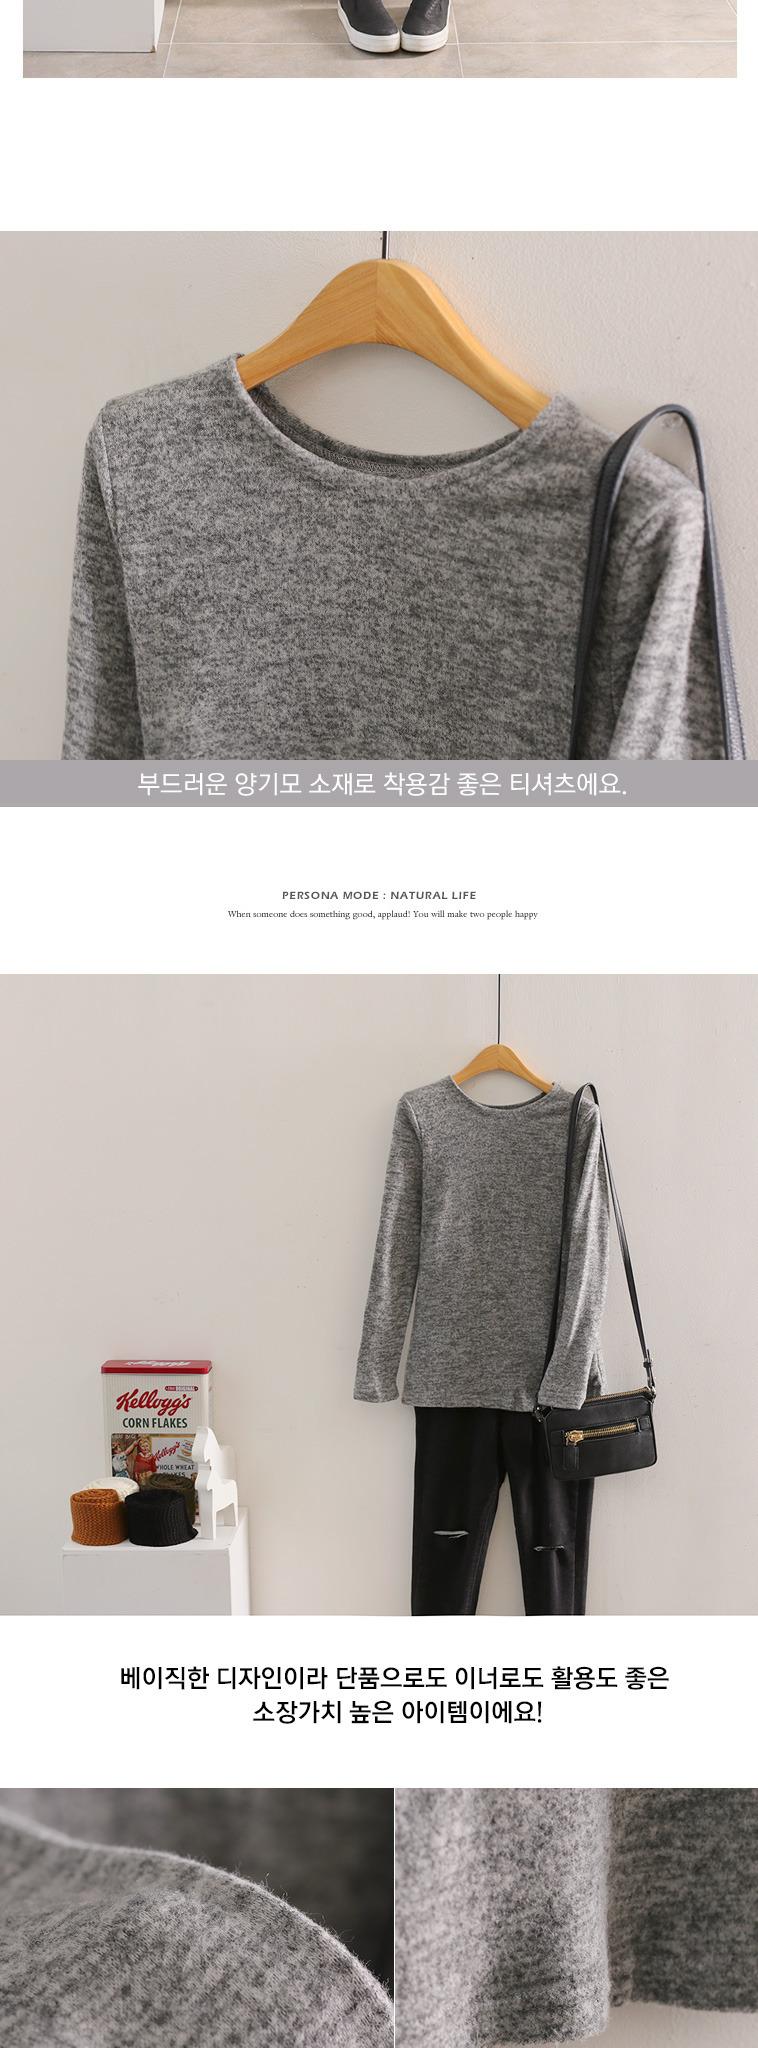 [무료배송] 티셔츠/셔츠/맨투맨/팬츠 - 상세정보